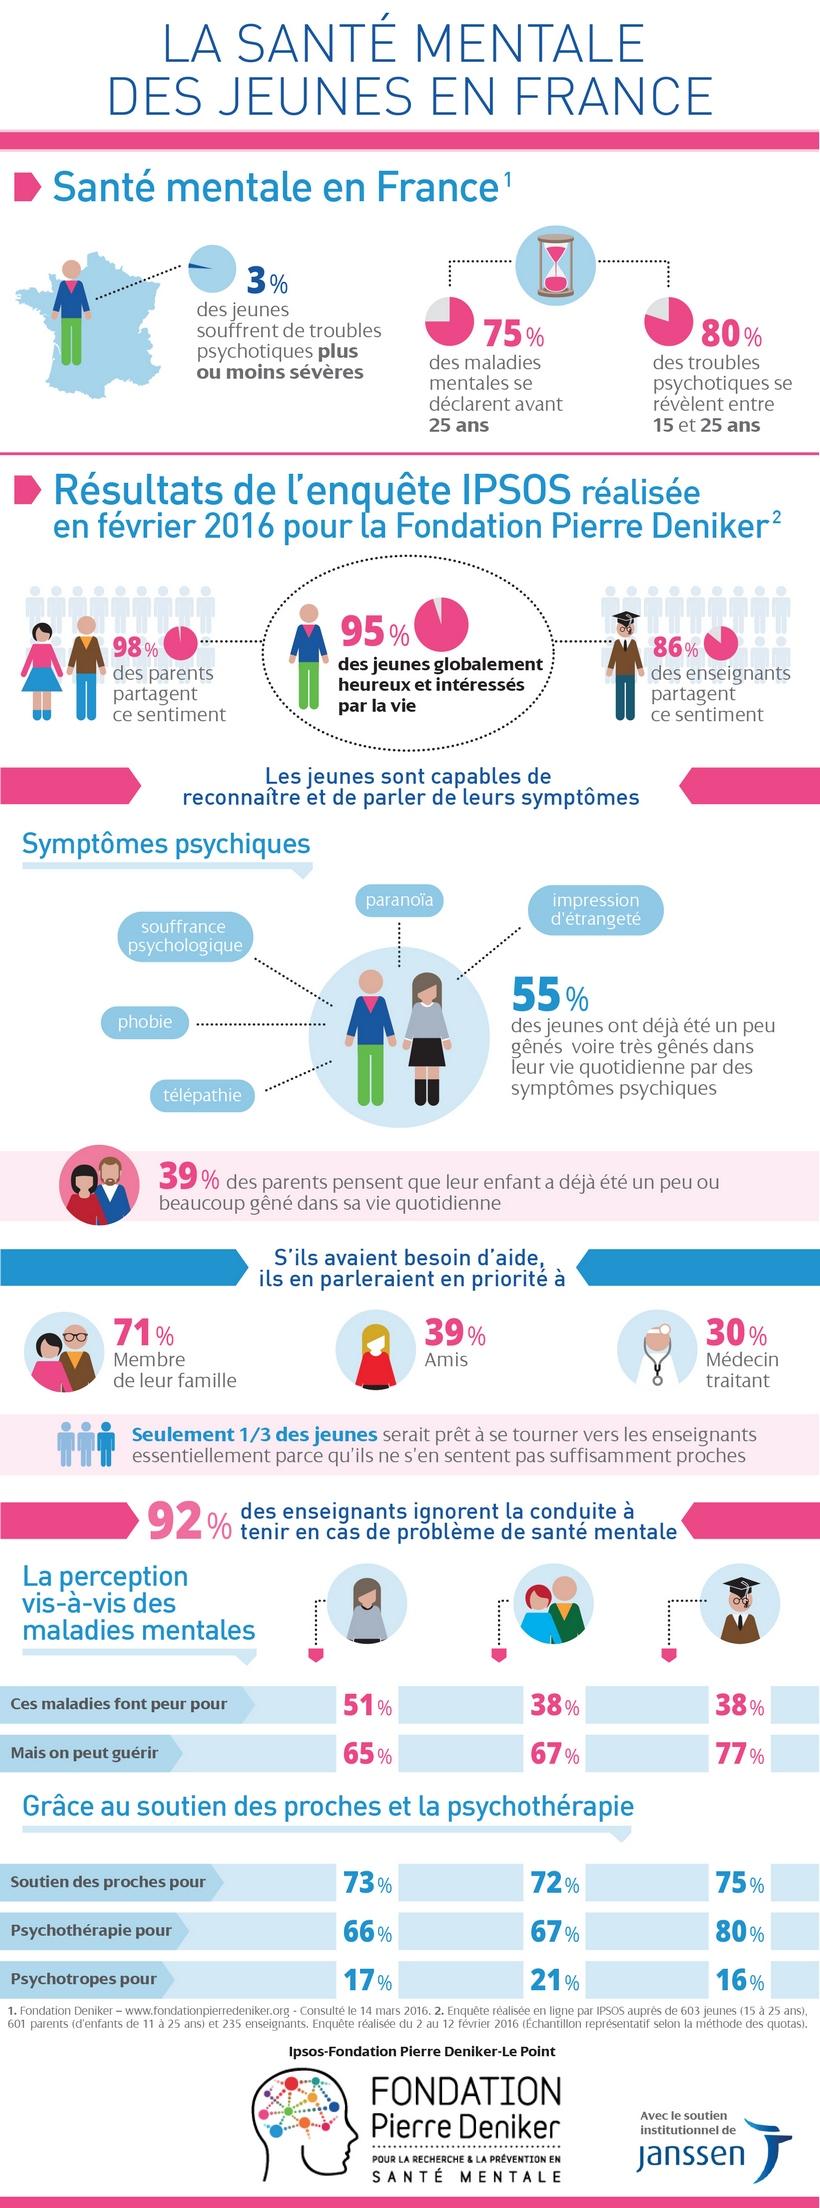 """Santé mentale : 95 % des 15-25 ans se déclarent """"heureux et intéressés par la vie."""